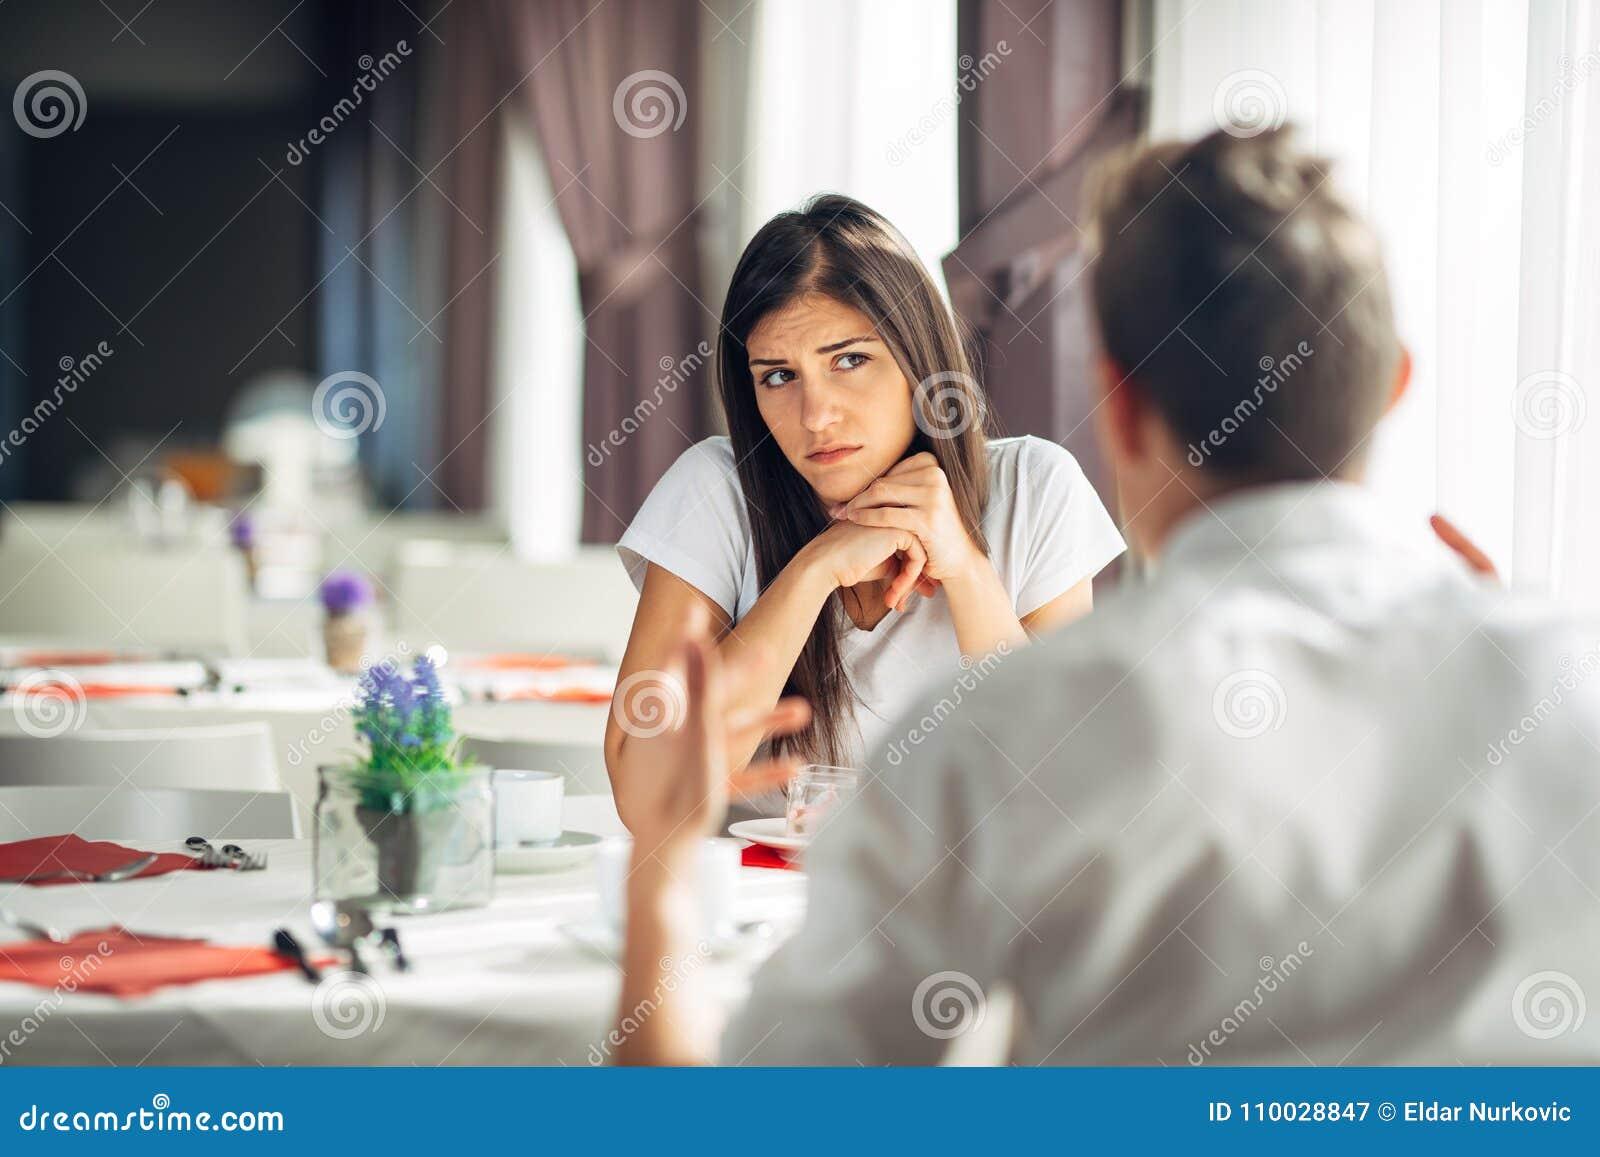 Het ongerust gemaakte vrouw betwijfelen Het boze wijfje veracht partnersacties, geageerde persoon die verhoudingsproblemen hebben